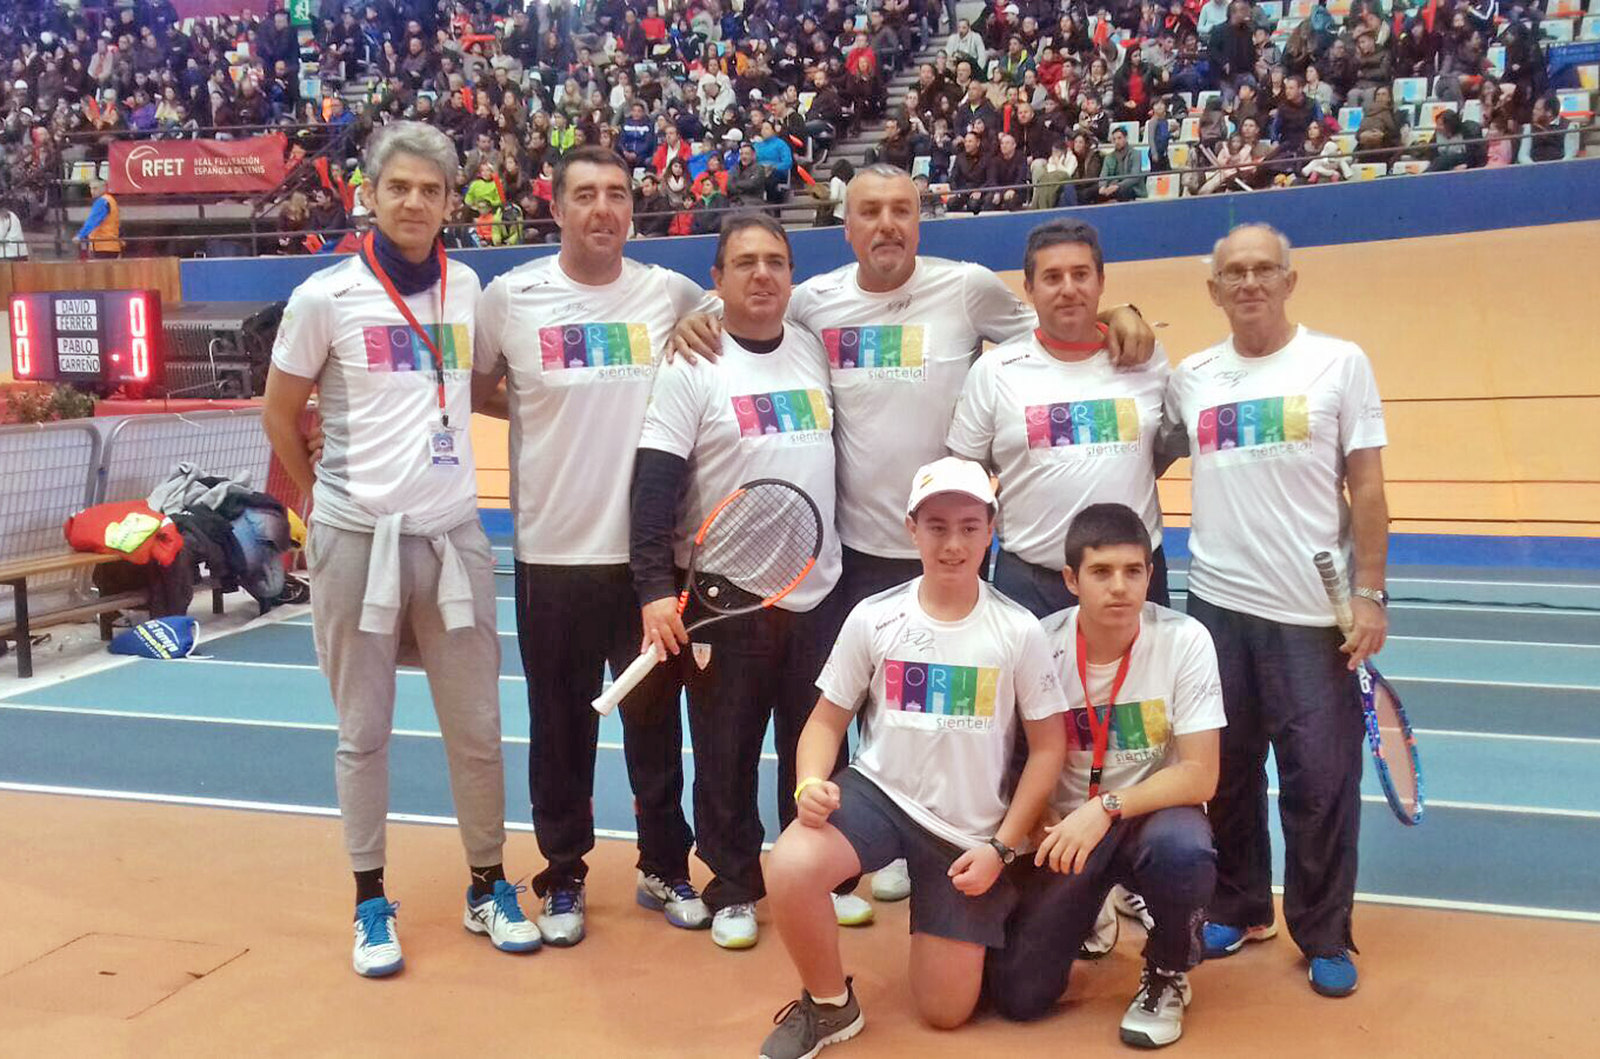 El Club de Tenis Cauria copa con éxito su participación en las finales del circuito de aficionados de la fiesta del tenis español de la RFET celebrada en Valencia